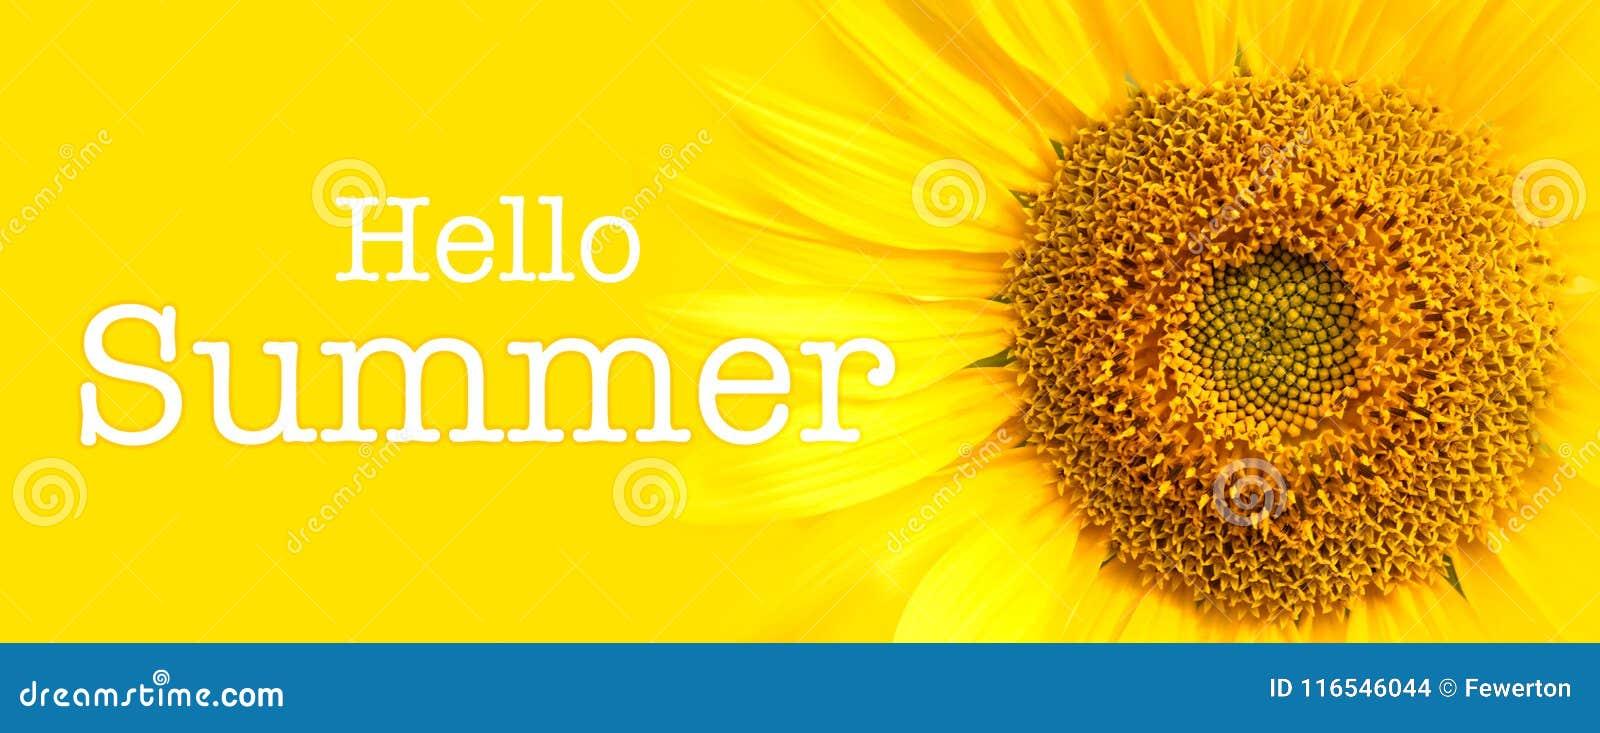 Olá! detalhes do close-up do texto e do girassol do verão no fundo amarelo da bandeira